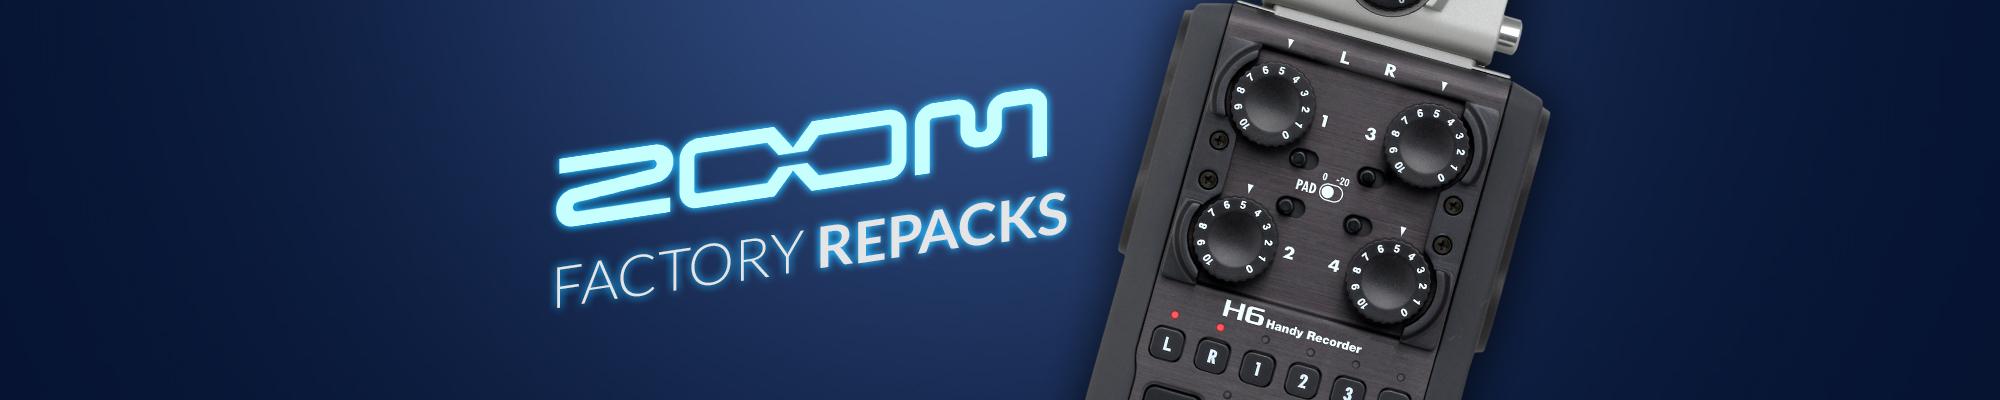 Zoom Factory Repacks